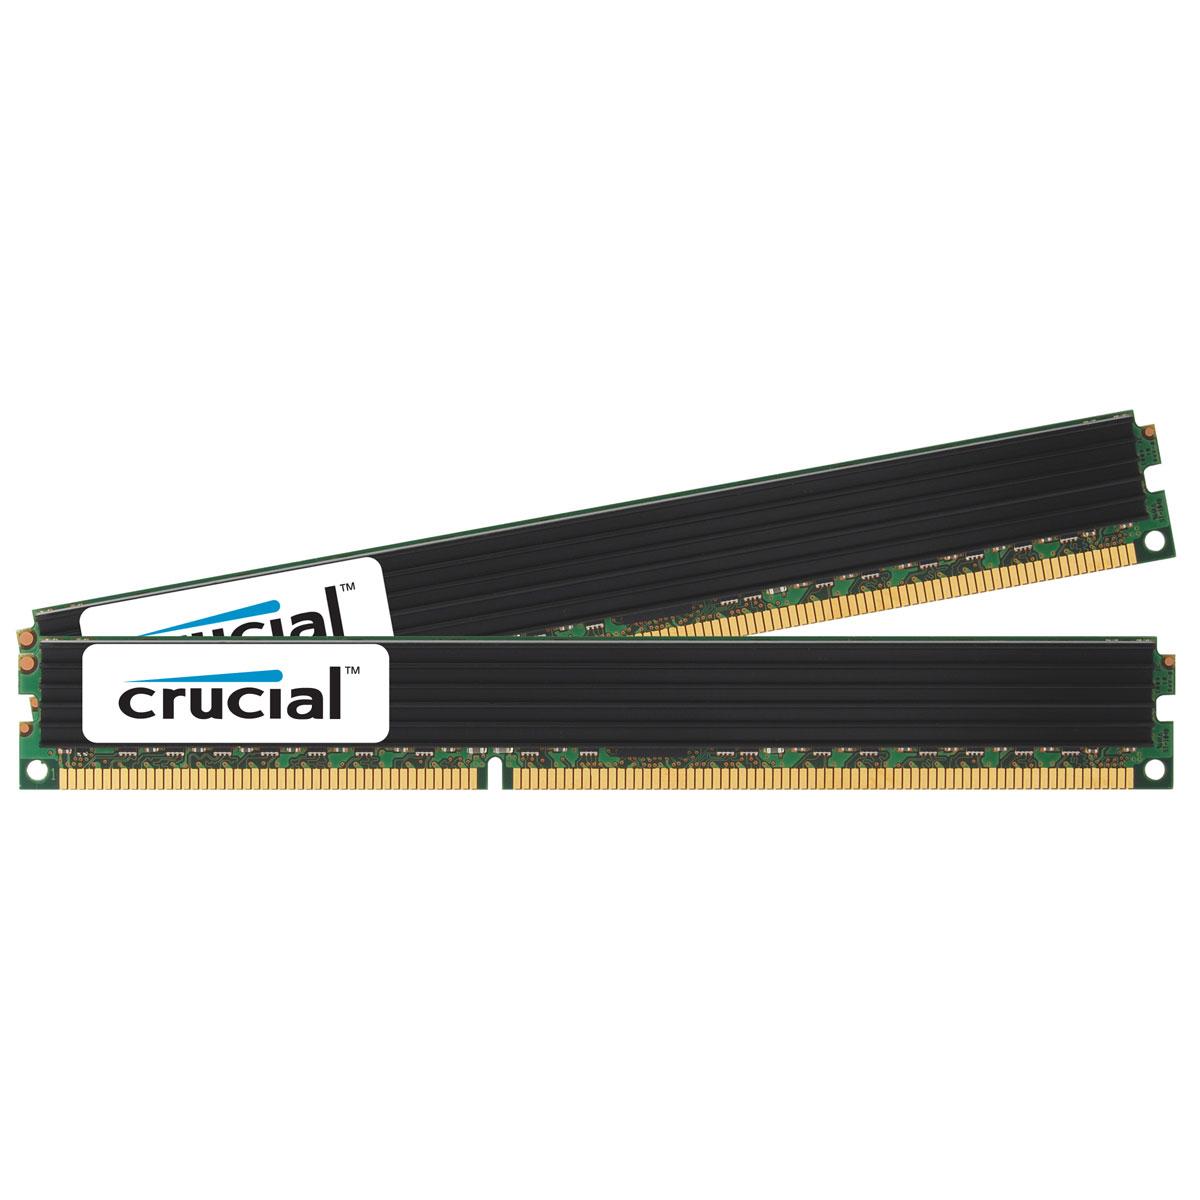 Mémoire PC Crucial DDR3 8 Go (2 x 4 Go) 1333 MHz CL9 ECC Registered SR VLP X4 Kit Dual Channel RAM DDR3 PC10600 - CT2K4G3ERVLS41339 (garantie à vie par Crucial)